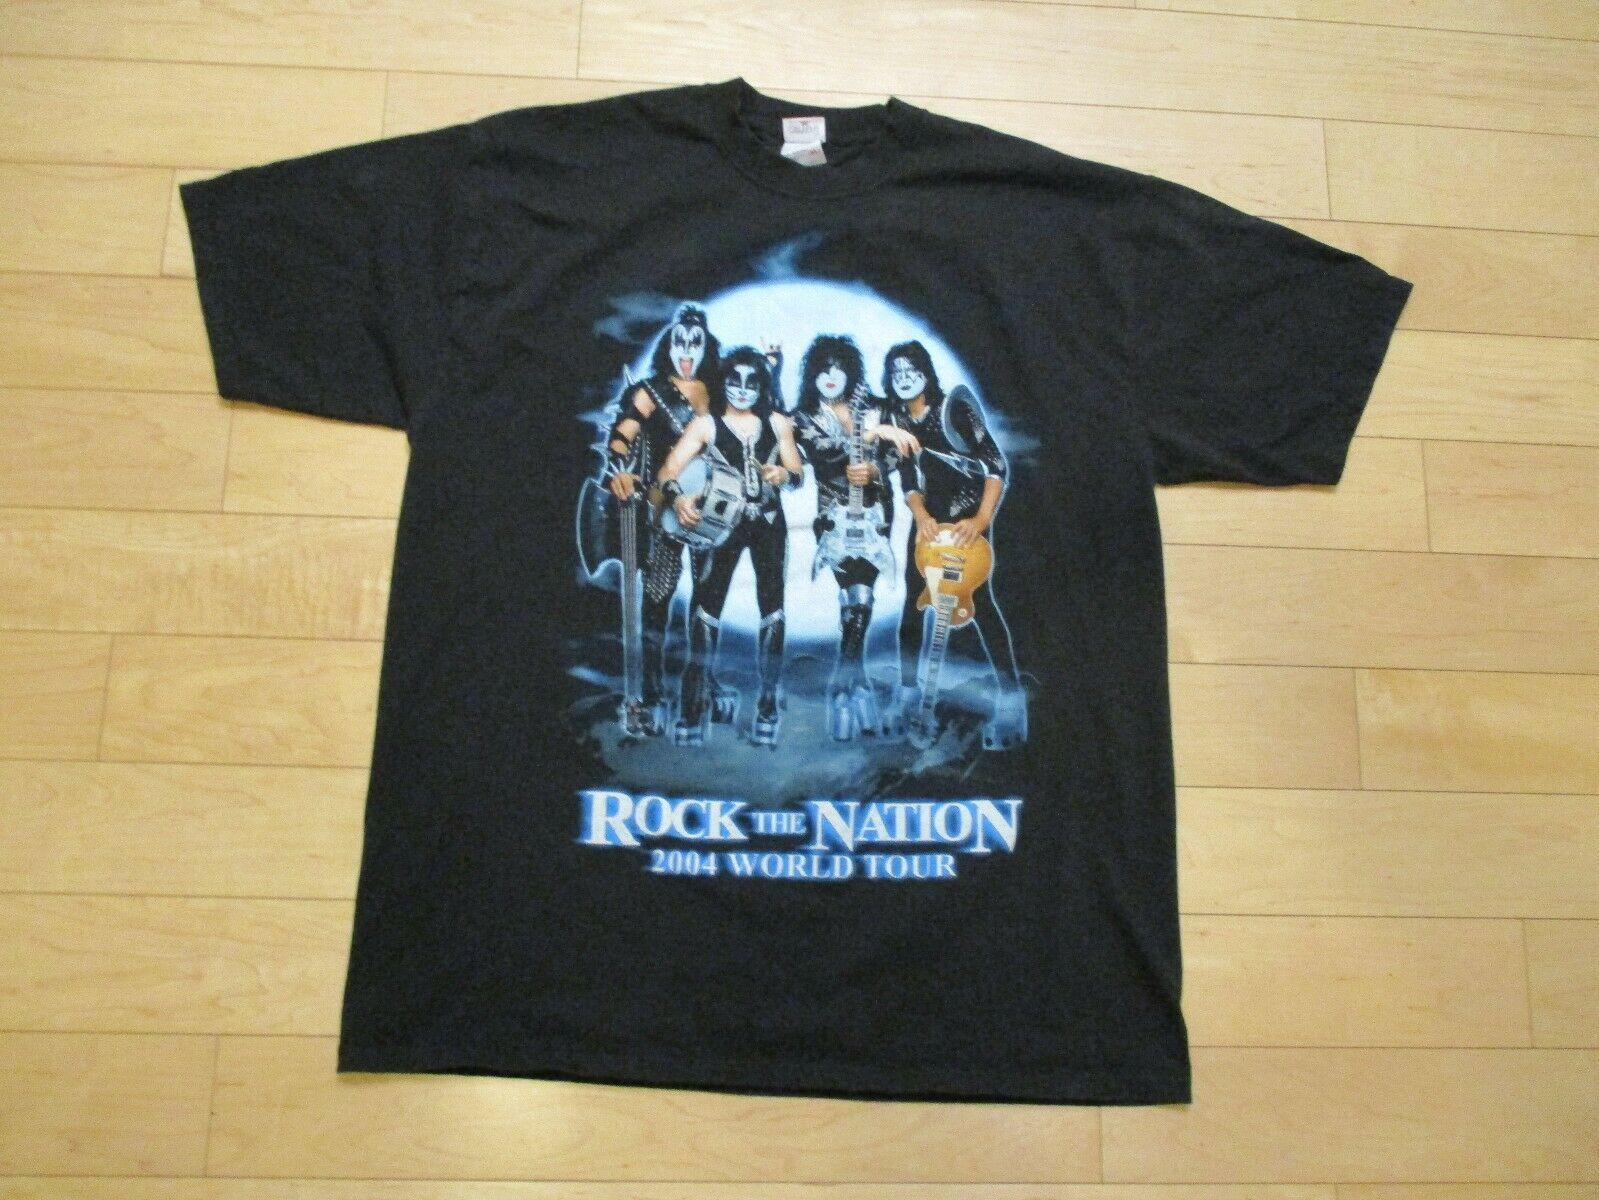 Kiss Rock Nation Concert Tour 2004 Shirt Acquista Xl Adulto The T 1lTcFKJ